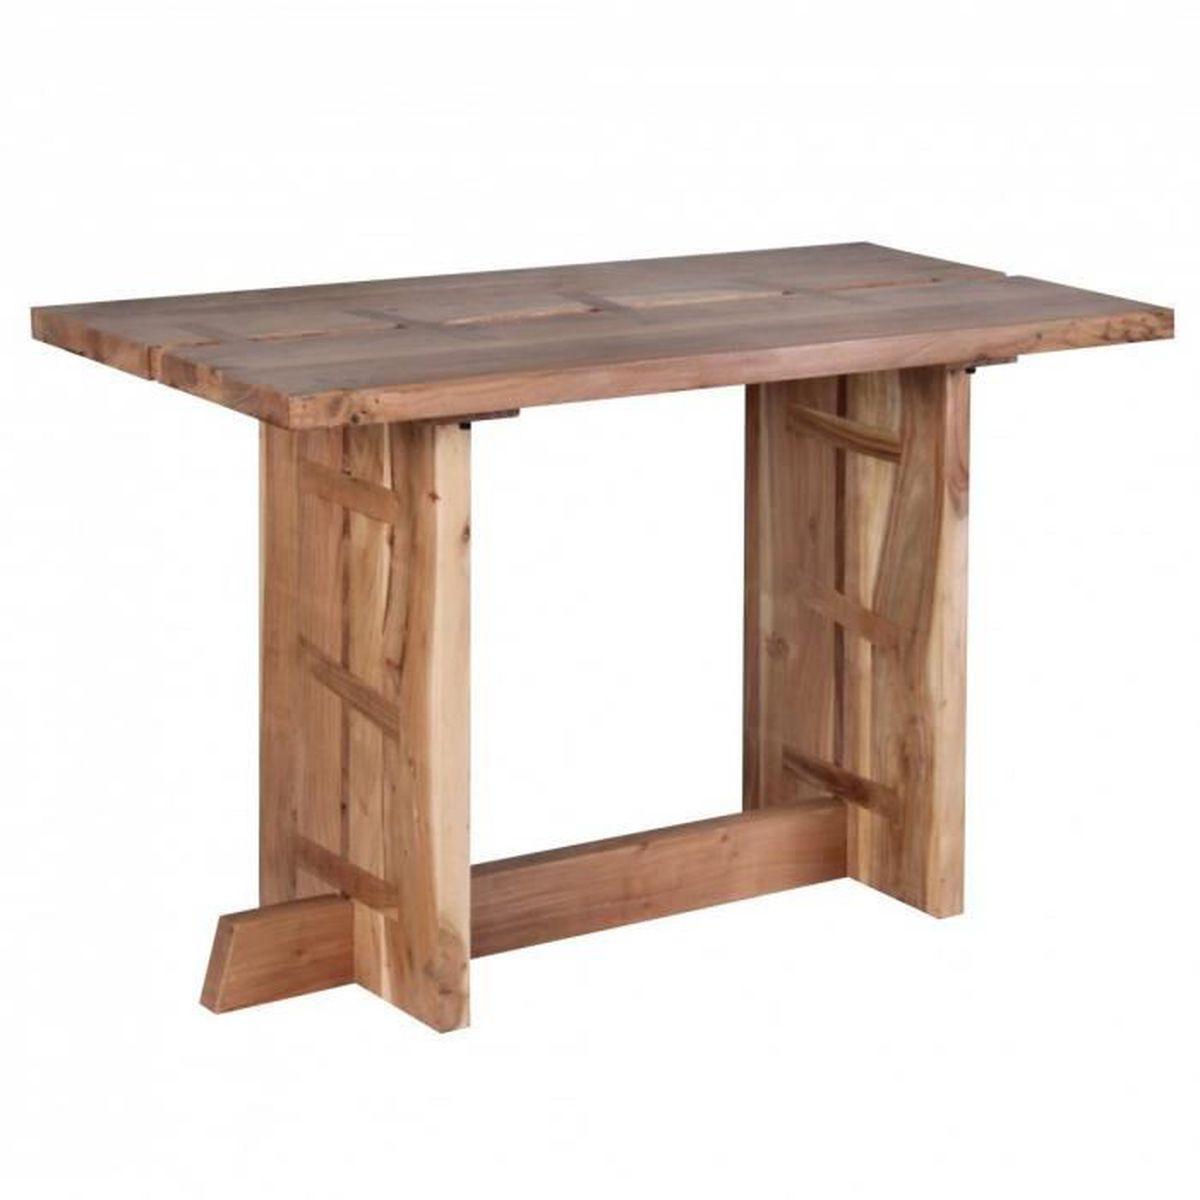 Table manger solide acacia bois 120cm table manger for Table a manger 120 cm